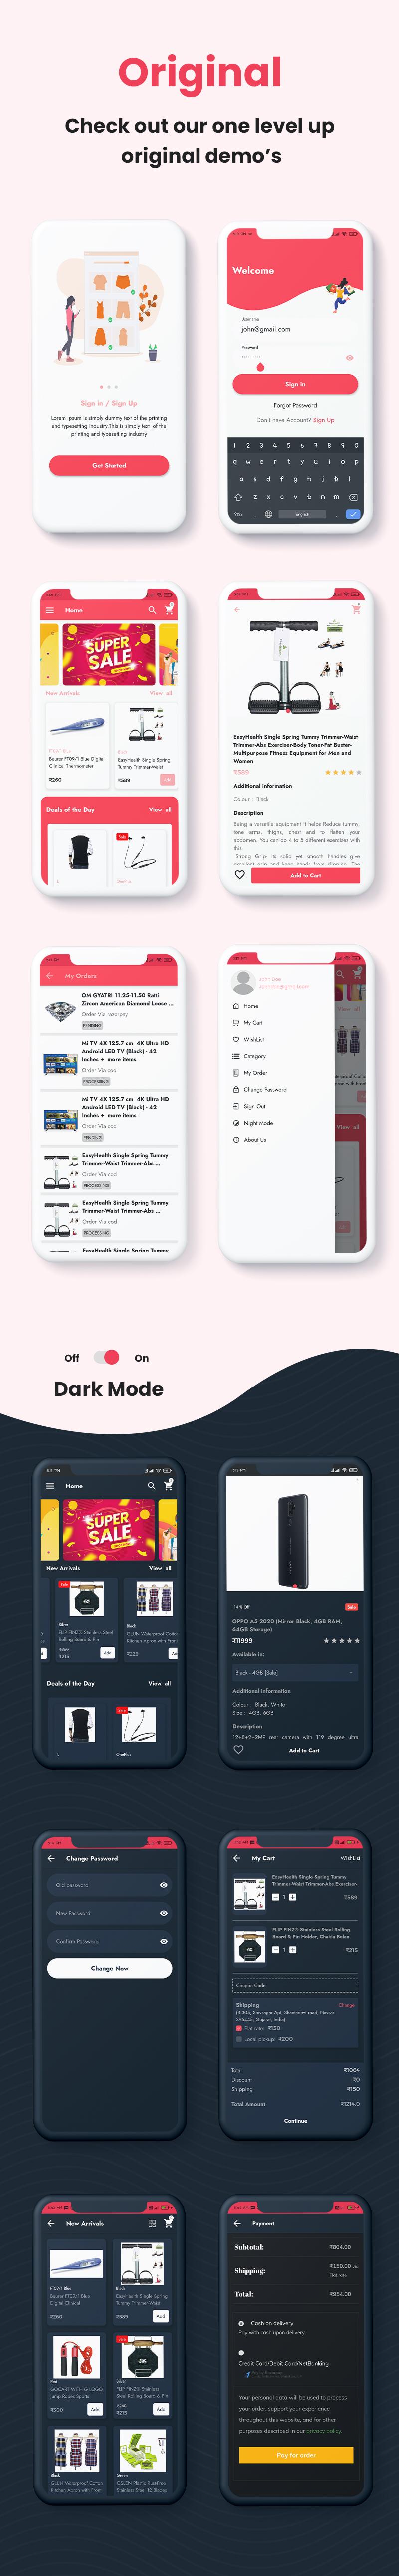 ProShop - WooCommerce Multipurpose Single and Multi-Vendor E-commerce Flutter Full Mobile App - 24